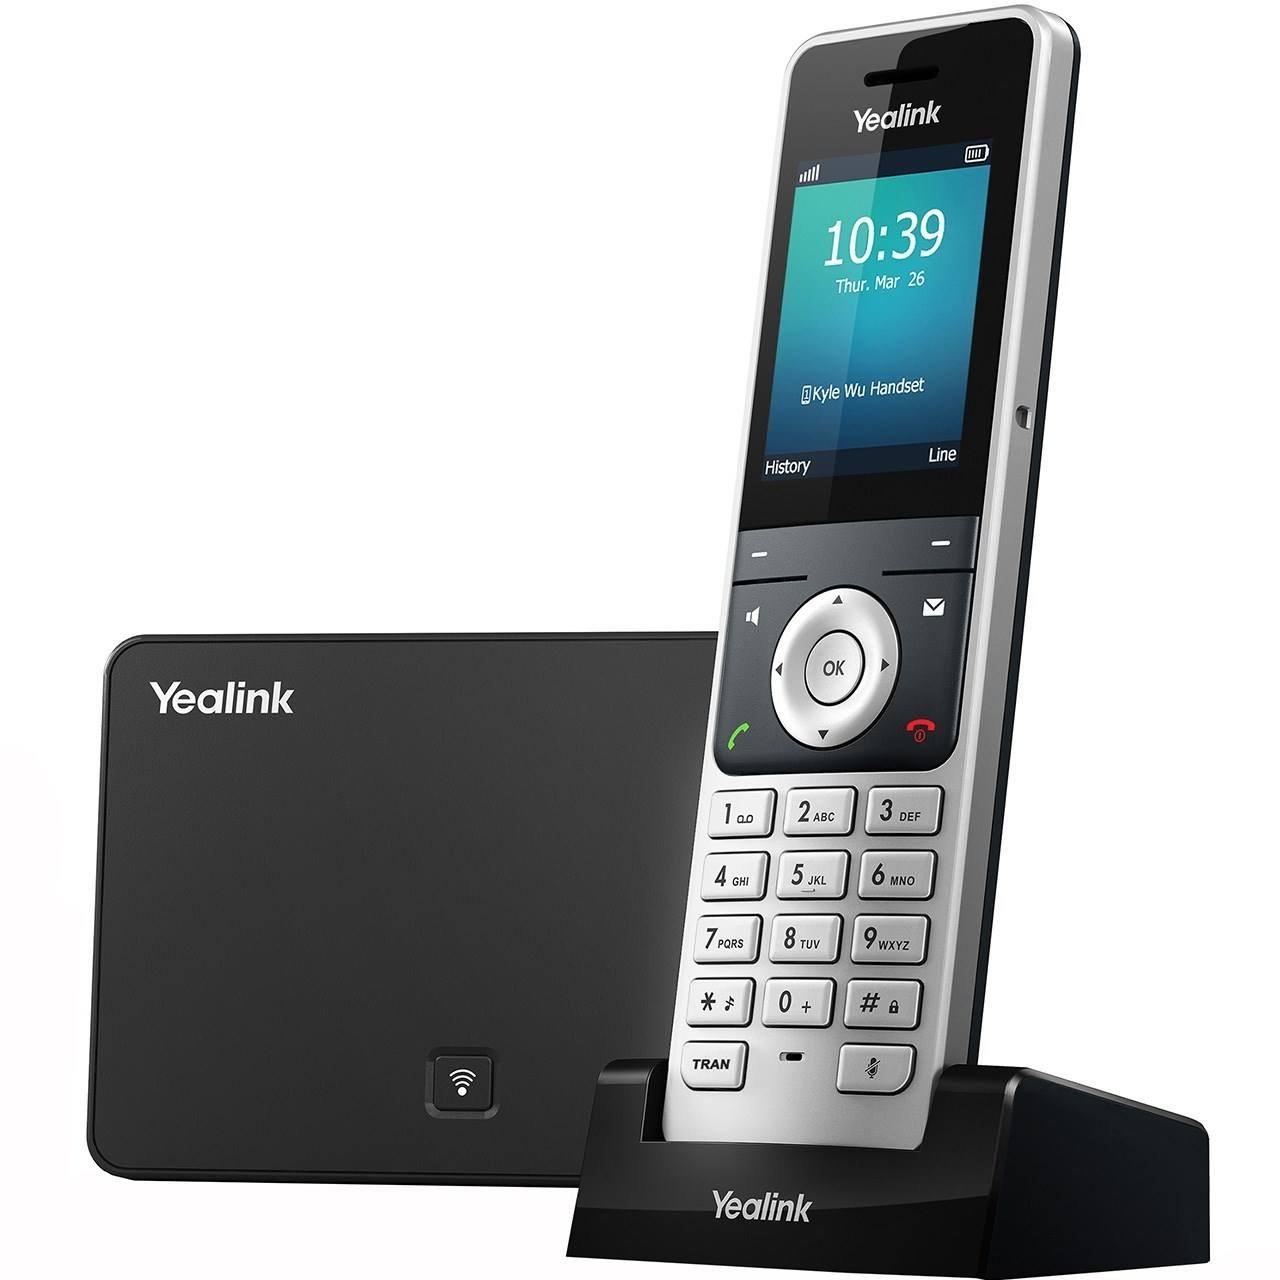 تصویر تلفن تحت شبکه بی سیم یالینک مدل W56P Yealink W56P Wireless IP Phone